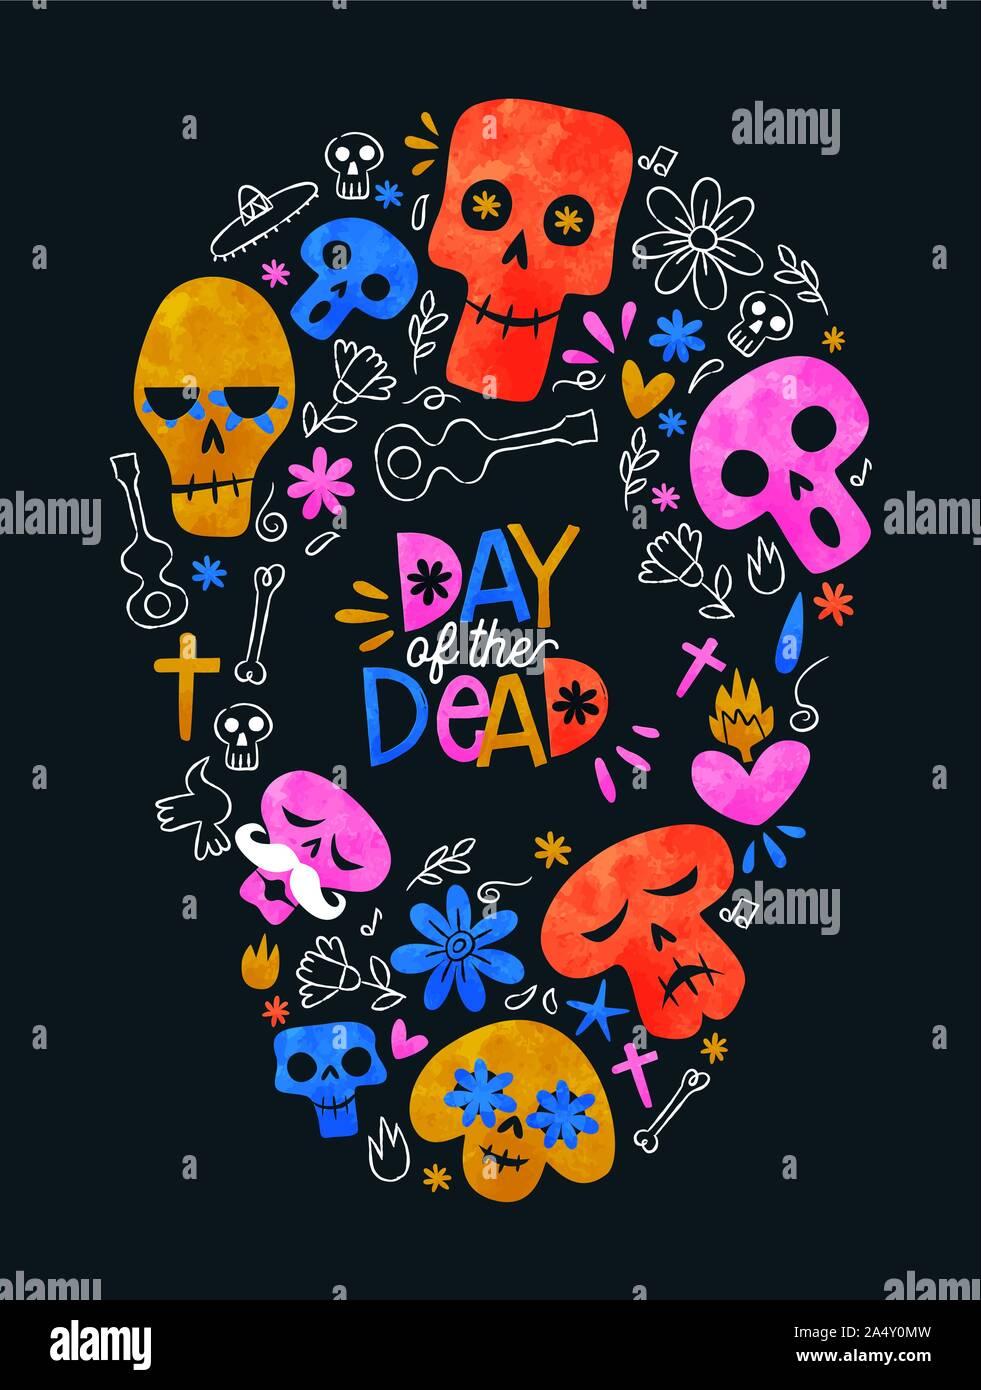 Le Jour des morts Mexican holiday Greeting card, aquarelle de couleur des icônes de la décoration en forme de crâne en sucre pour le mexique traditionnel événement parti. Illustration de Vecteur